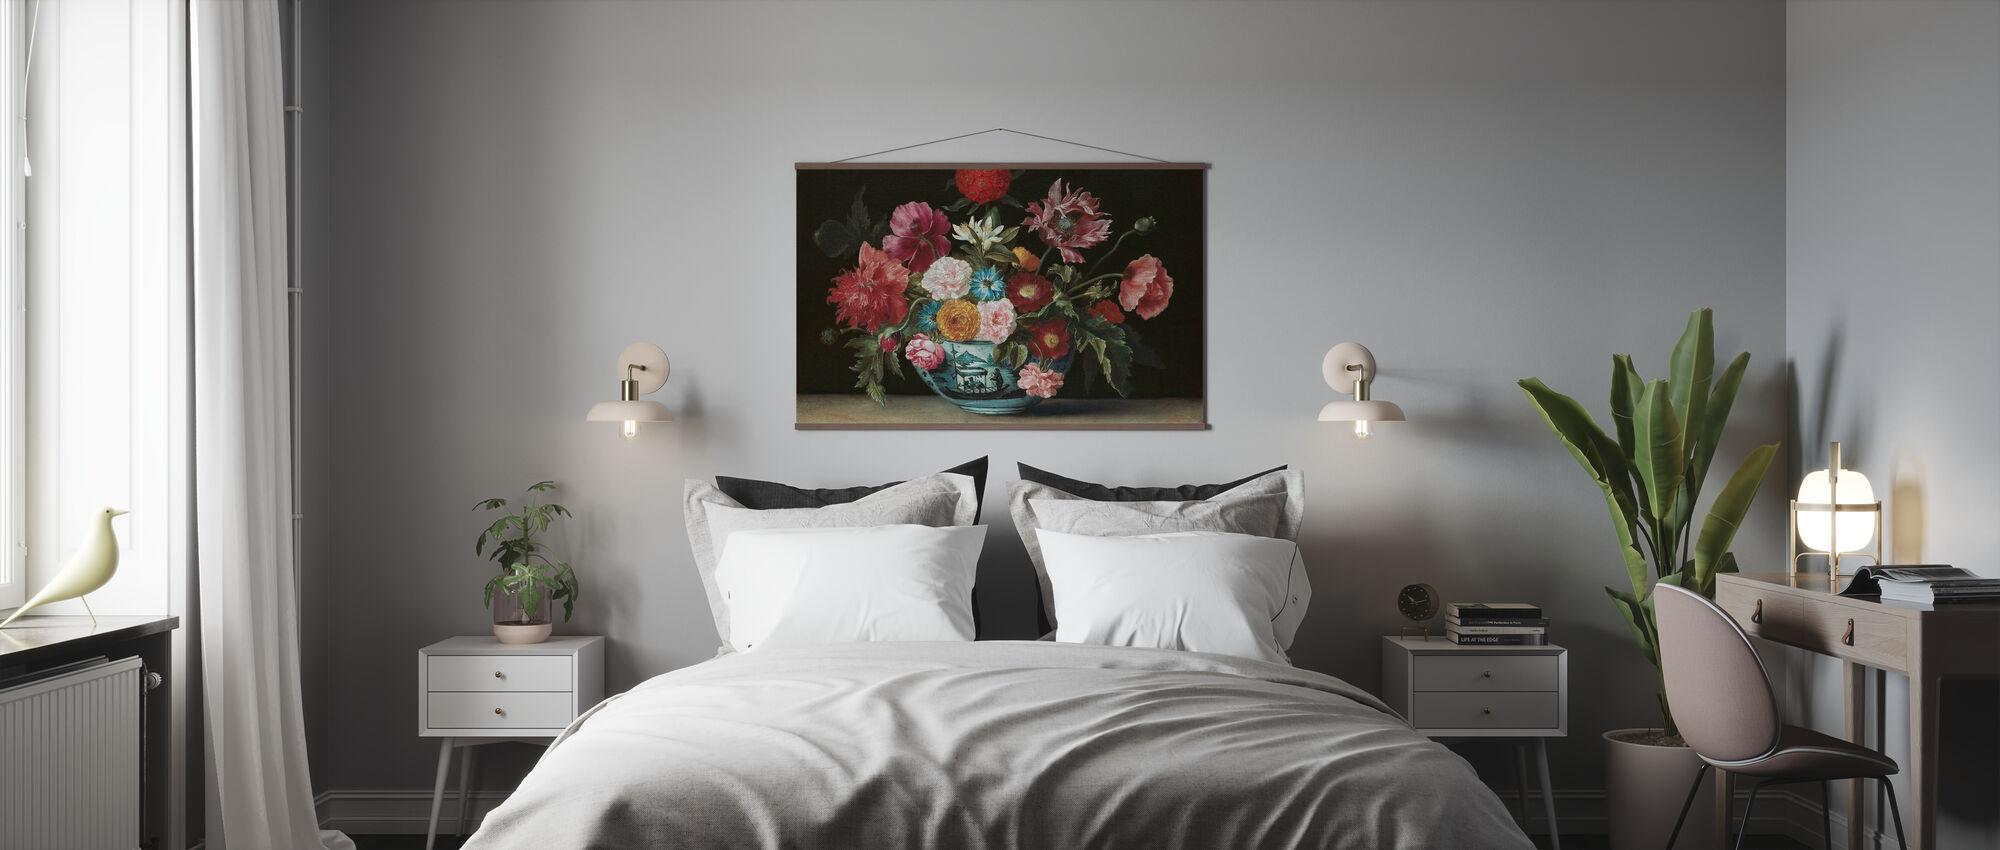 Chinesische Schale mit Blumen - Jacques Linard - Poster - Schlafzimmer